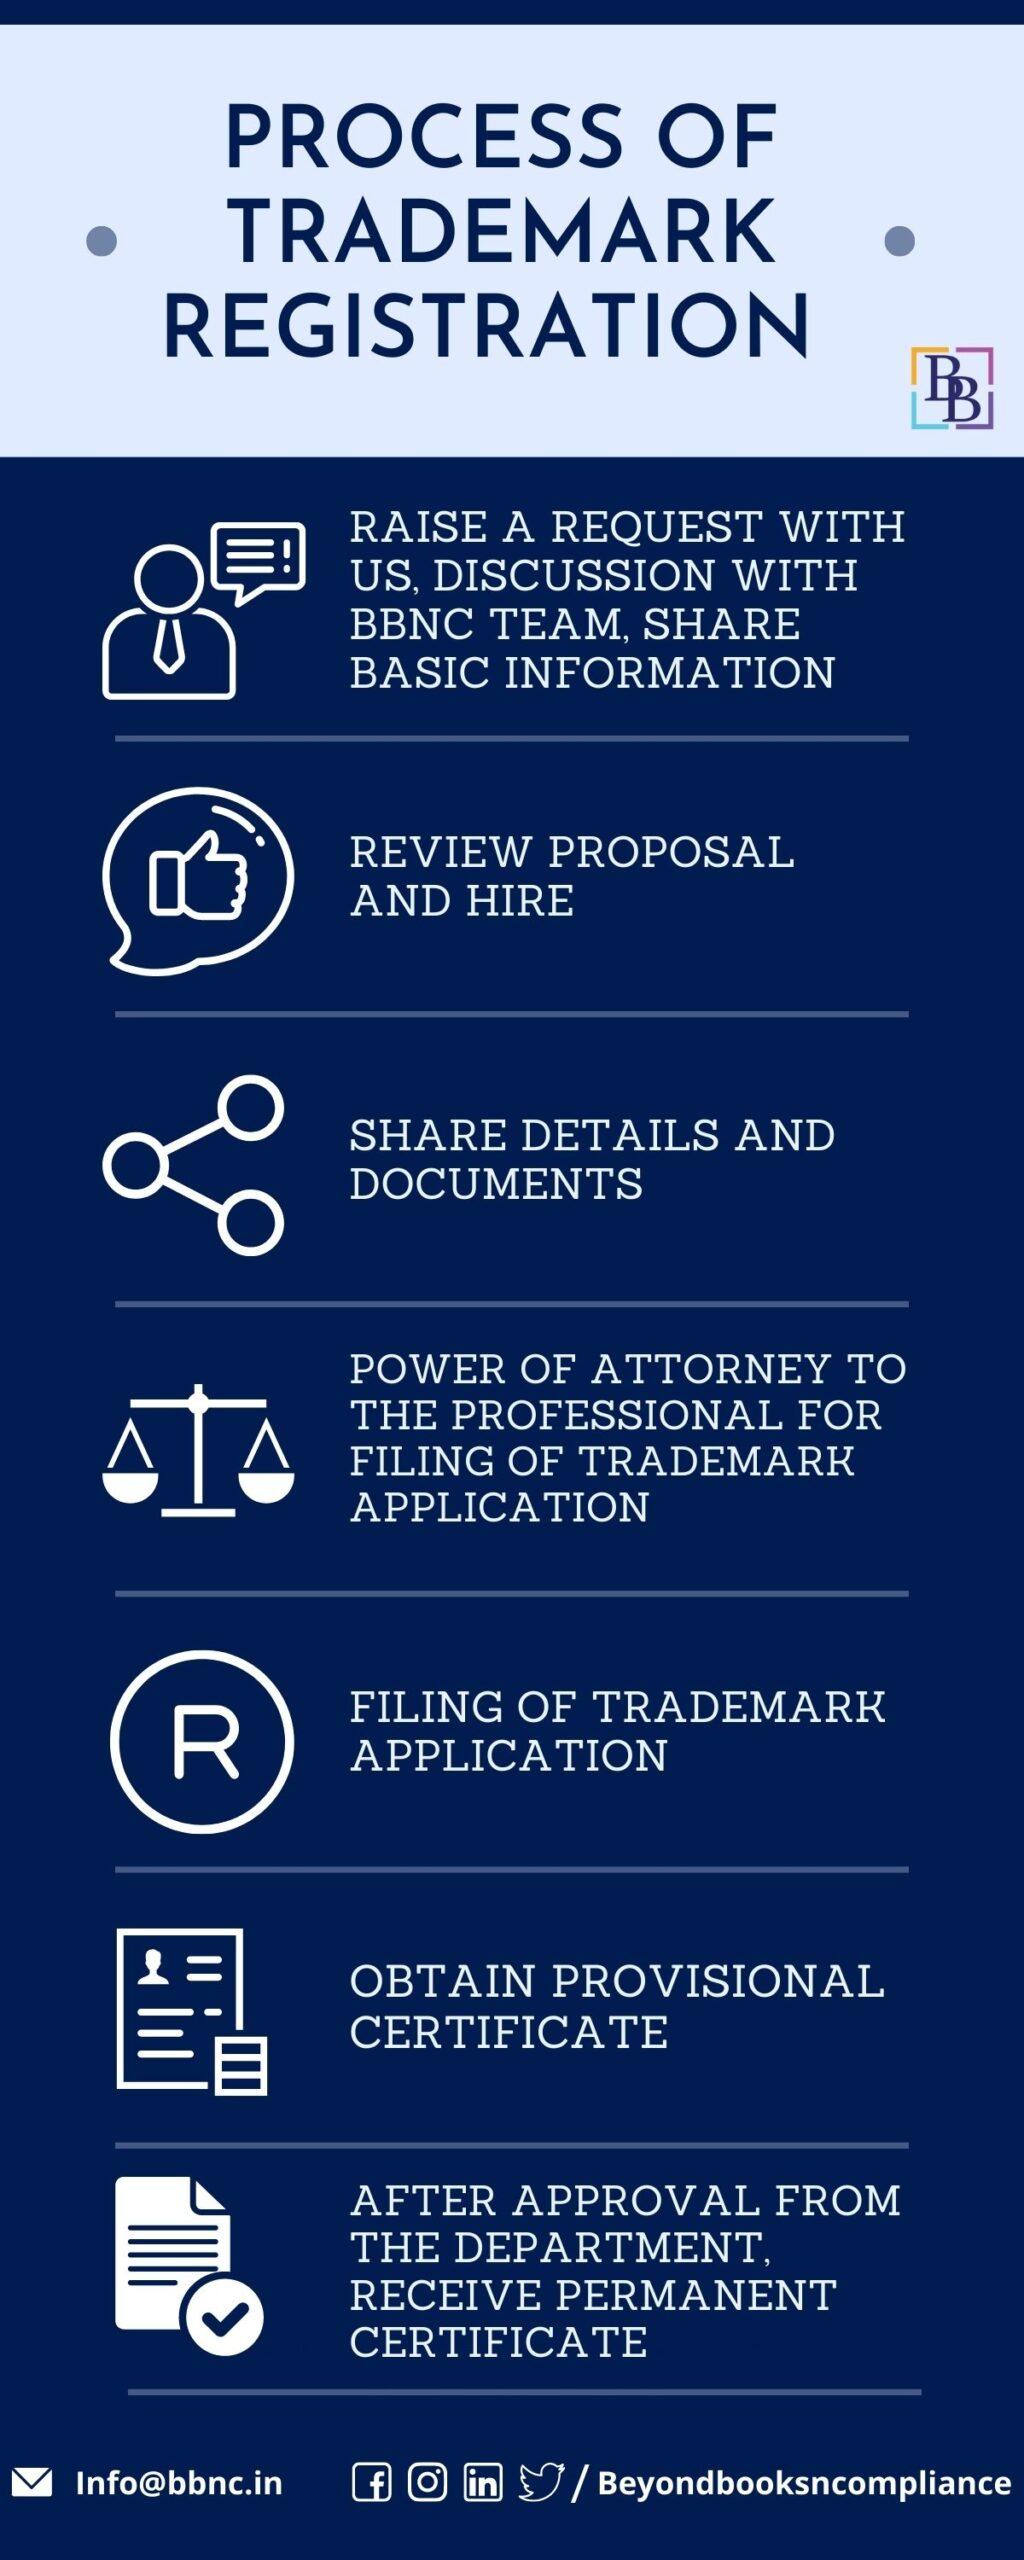 Process of Trademark Registration